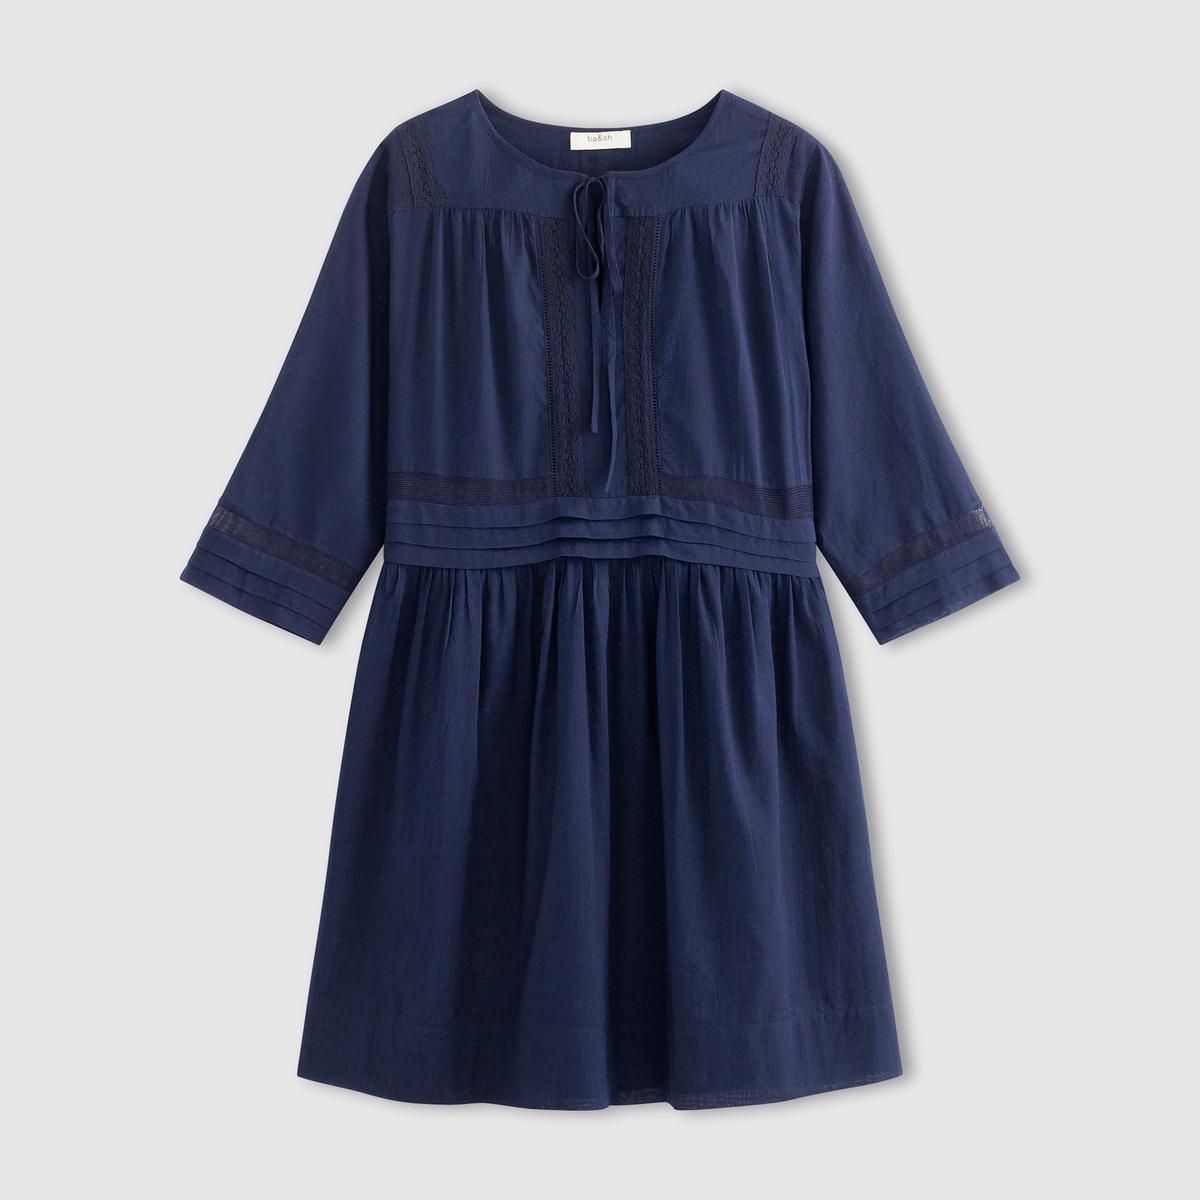 Платье COLETTEОбъемное платье BA&amp;SH - модель COLETTE, из хлопка, с вышитой тесьмой.  Тонкая ажурная вышивка на плечах, по краям рукавов и на поясе. Круглый вырез-капелька с завязками спереди. Рукава 3/4. Складки на поясе, присборенный низ. На подкладке.Состав и описание    Материал : вуаль 100% хлопок   Подкладка 100% хлопок   Длина : 90 см. (для размера 38, посередине сзади)   Марка : BA&amp;SH<br><br>Цвет: синий<br>Размер: S.M